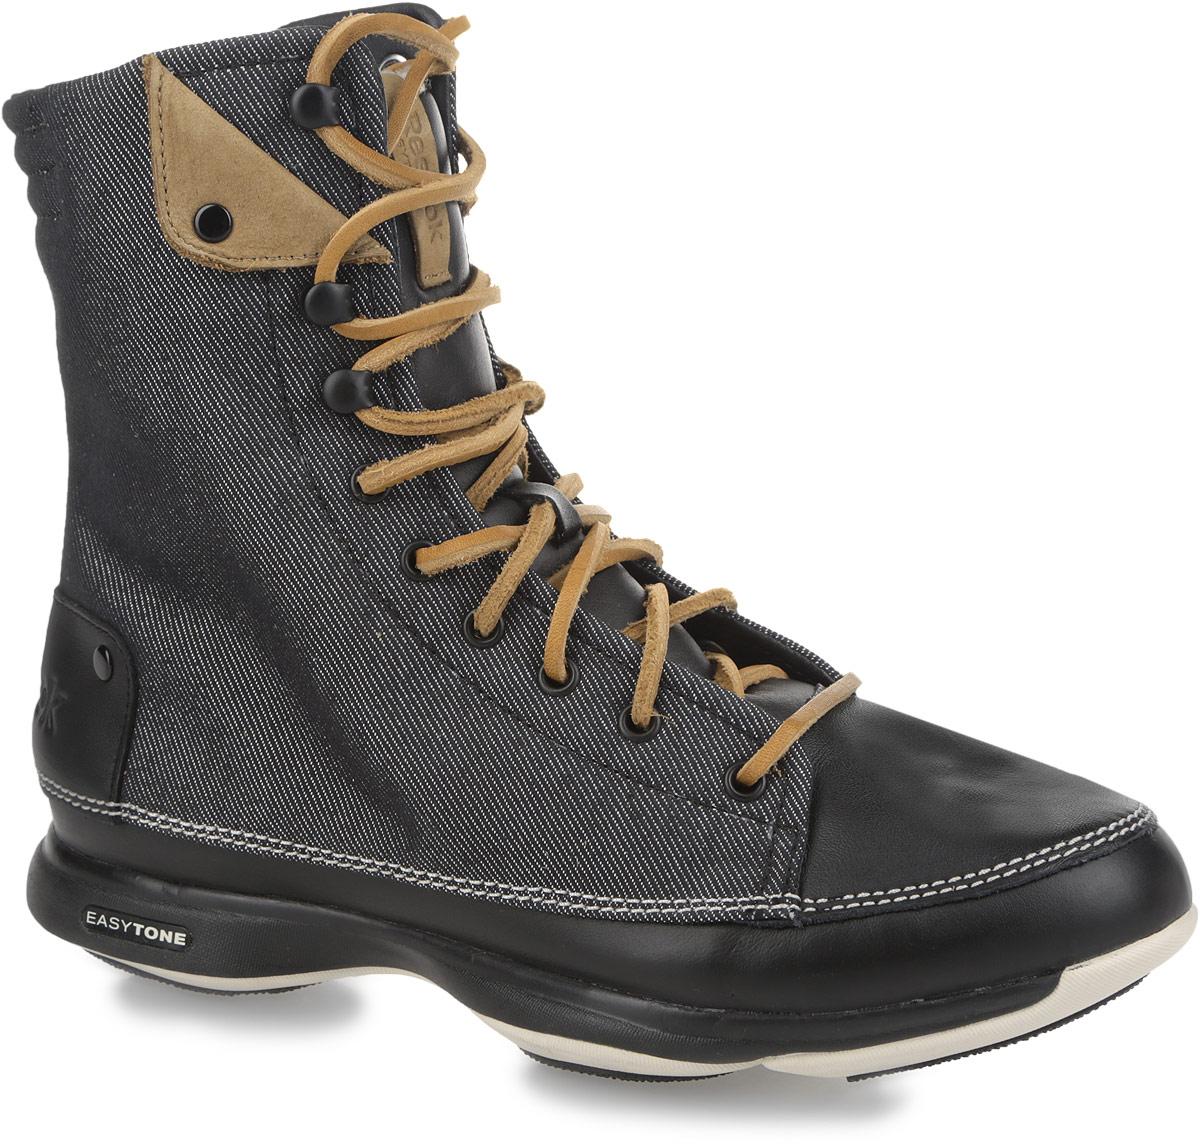 Кроссовки для тренинга женские Easytone too trendy. J90634J90634Невероятно стильные женские кроссовки от Reebok Easytone too trendy предназначены для использования в качестве зимних сапог для легких походов, туризма, активного отдыха и зимней повседневной обуви, для носки на сырых и холодных городских улицах. Модель выполнена из комбинации текстиля и натуральной кожи. Верх изделия оформлен шнуровкой с металлическими люверсами, которая гарантирует надежную фиксацию на стопе. Подкладка и съемная анатомическая стелька, исполненные из текстиля, и язычок - из искусственного меха способствуют поддержанию оптимального микроклимата. Обувь декорирована светлой прострочкой по ранту, а по бокам и на язычке нашивкой контрастного цвета из нубука. Задник дополнен тиснением в виде логотипа бренда. Промежуточная подошва из ЭВА предназначена для невероятной гибкости и отличного управления. Подошва с рельефным протектором обеспечивает сцепление с любой поверхностью. В таких кроссовках вашим ногам будет максимально комфортно.